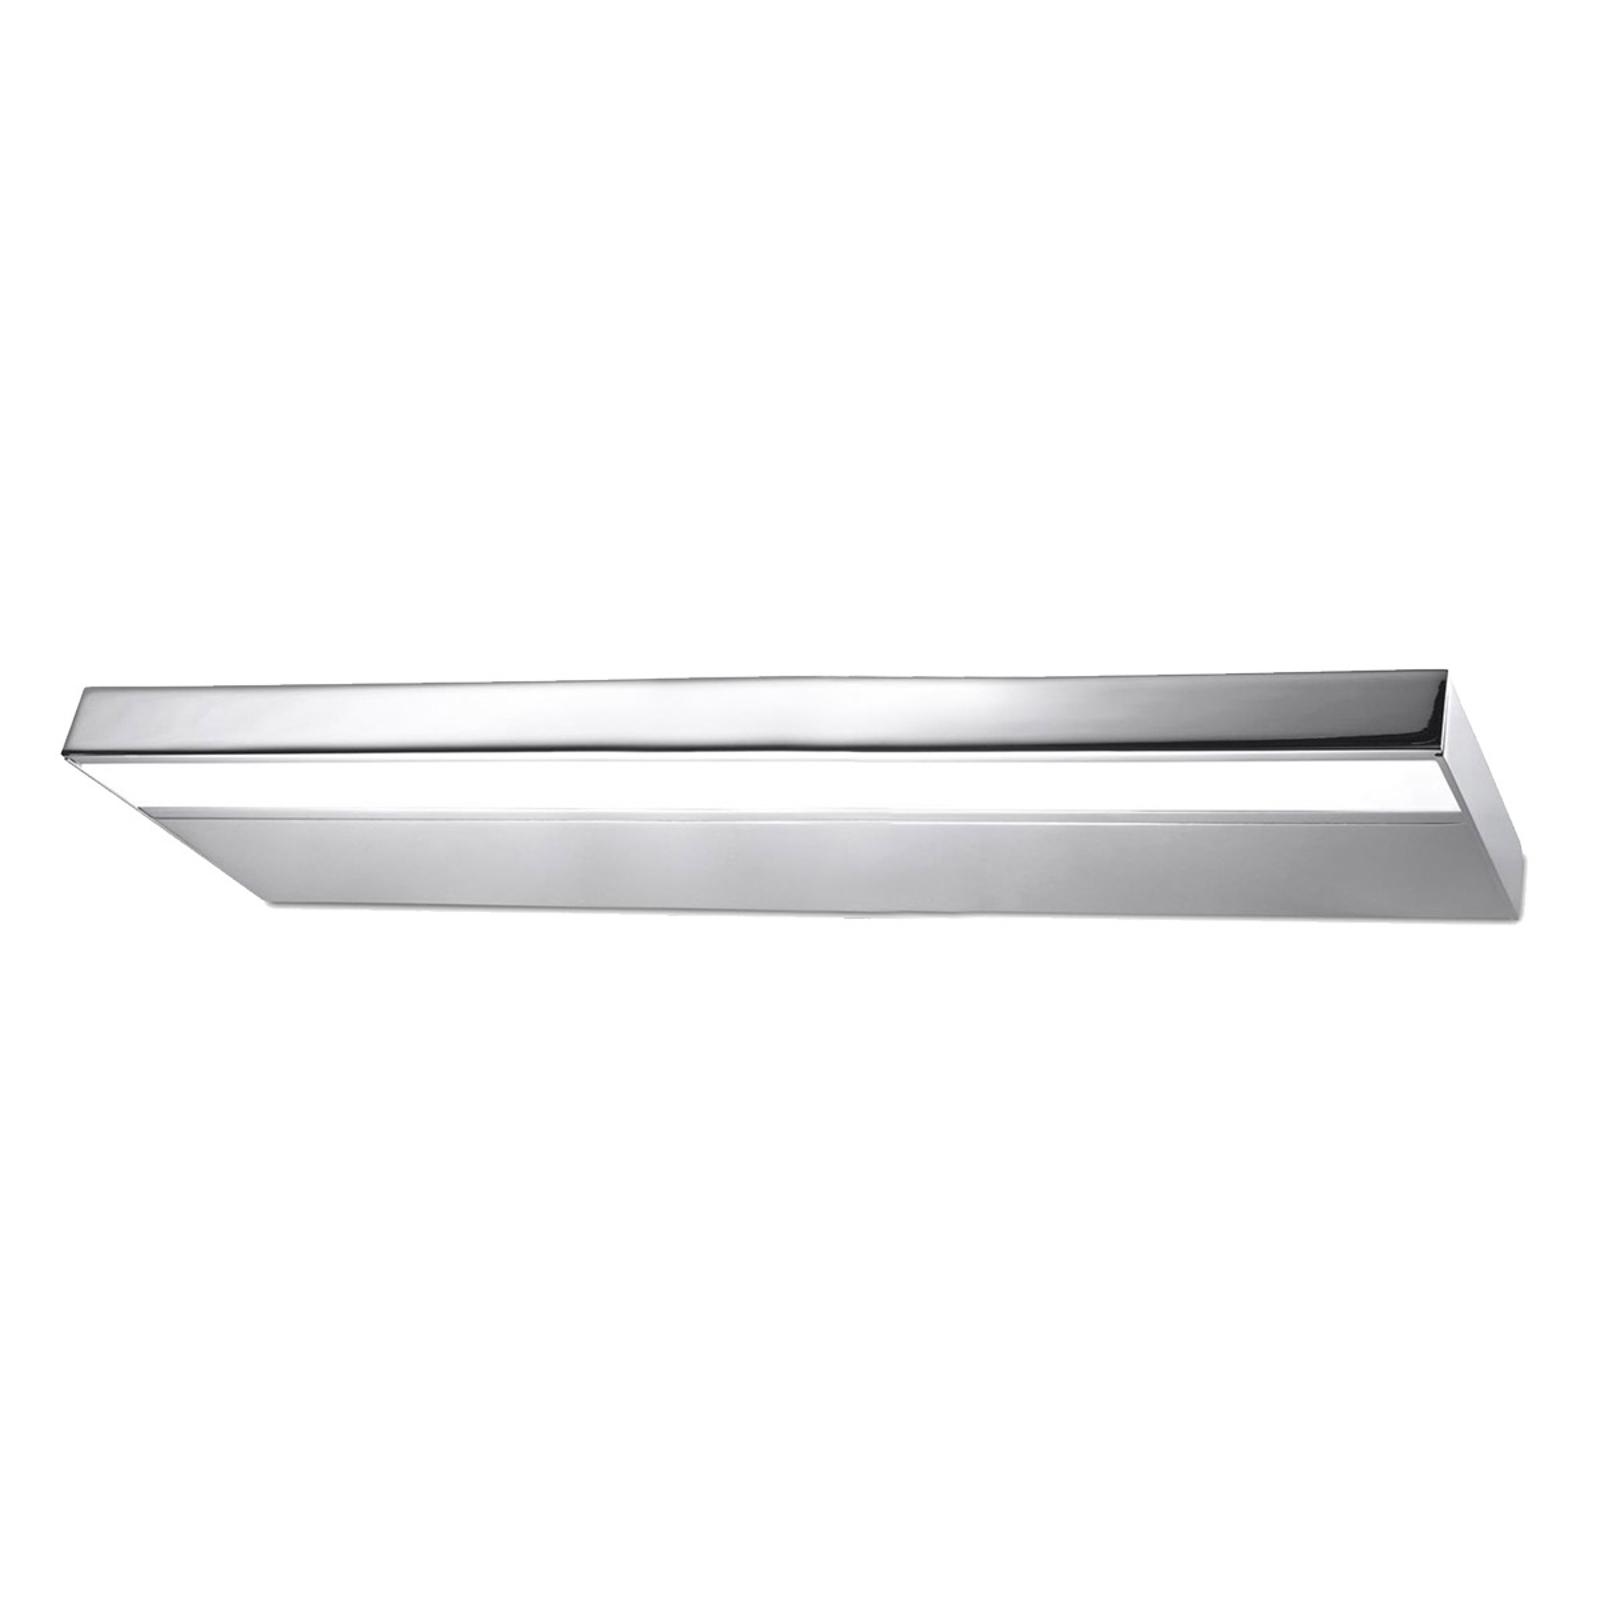 Applique salle de bain LED Prim IP20 90cm, chromé